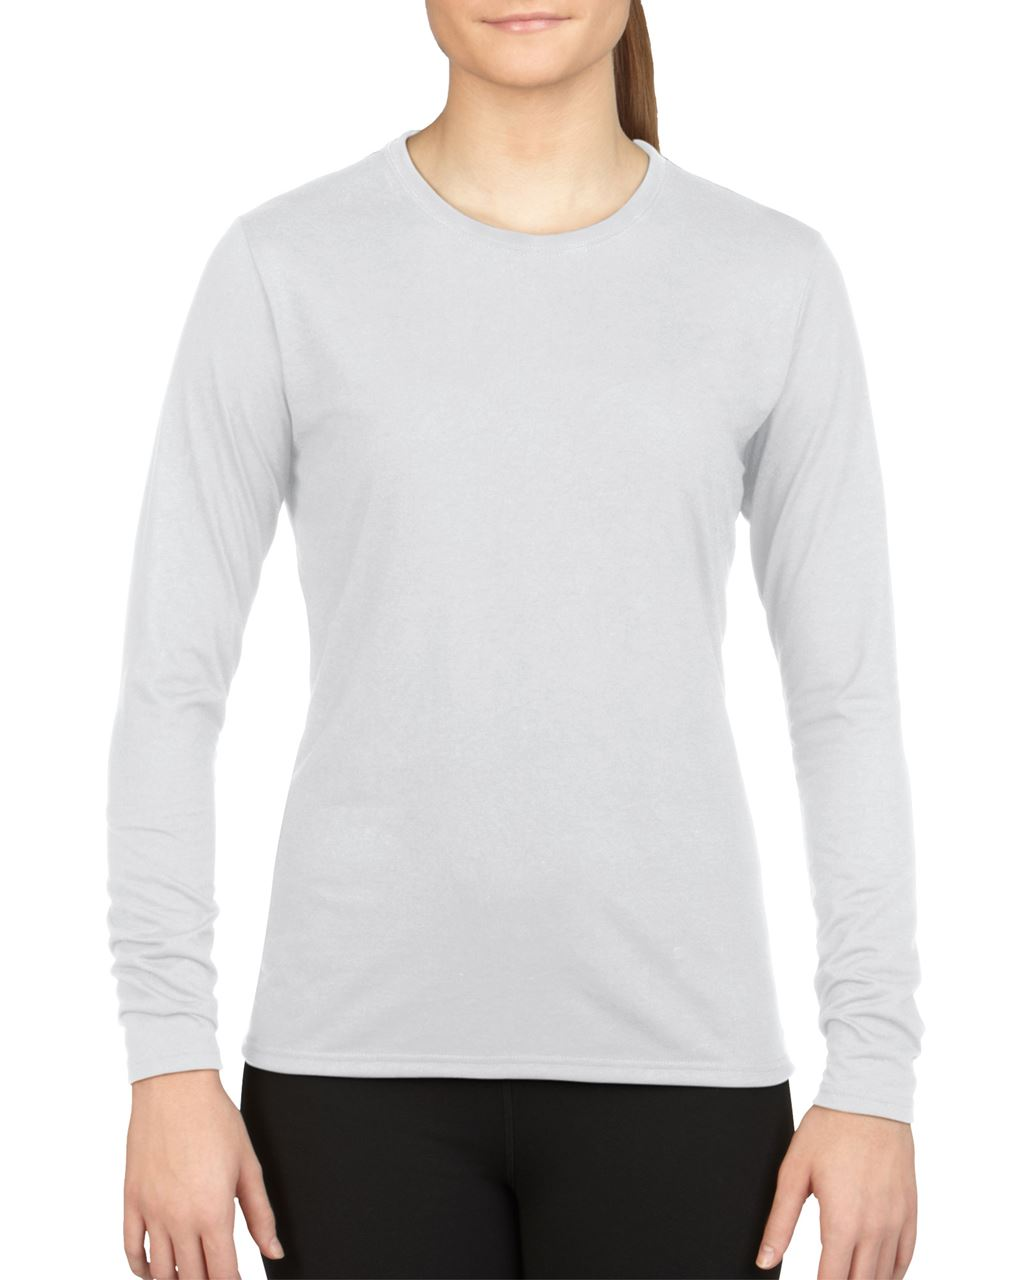 Levně Dámské funkční tričko s dlouhými rukávy PERFORMANCE – bílá, vel. XL